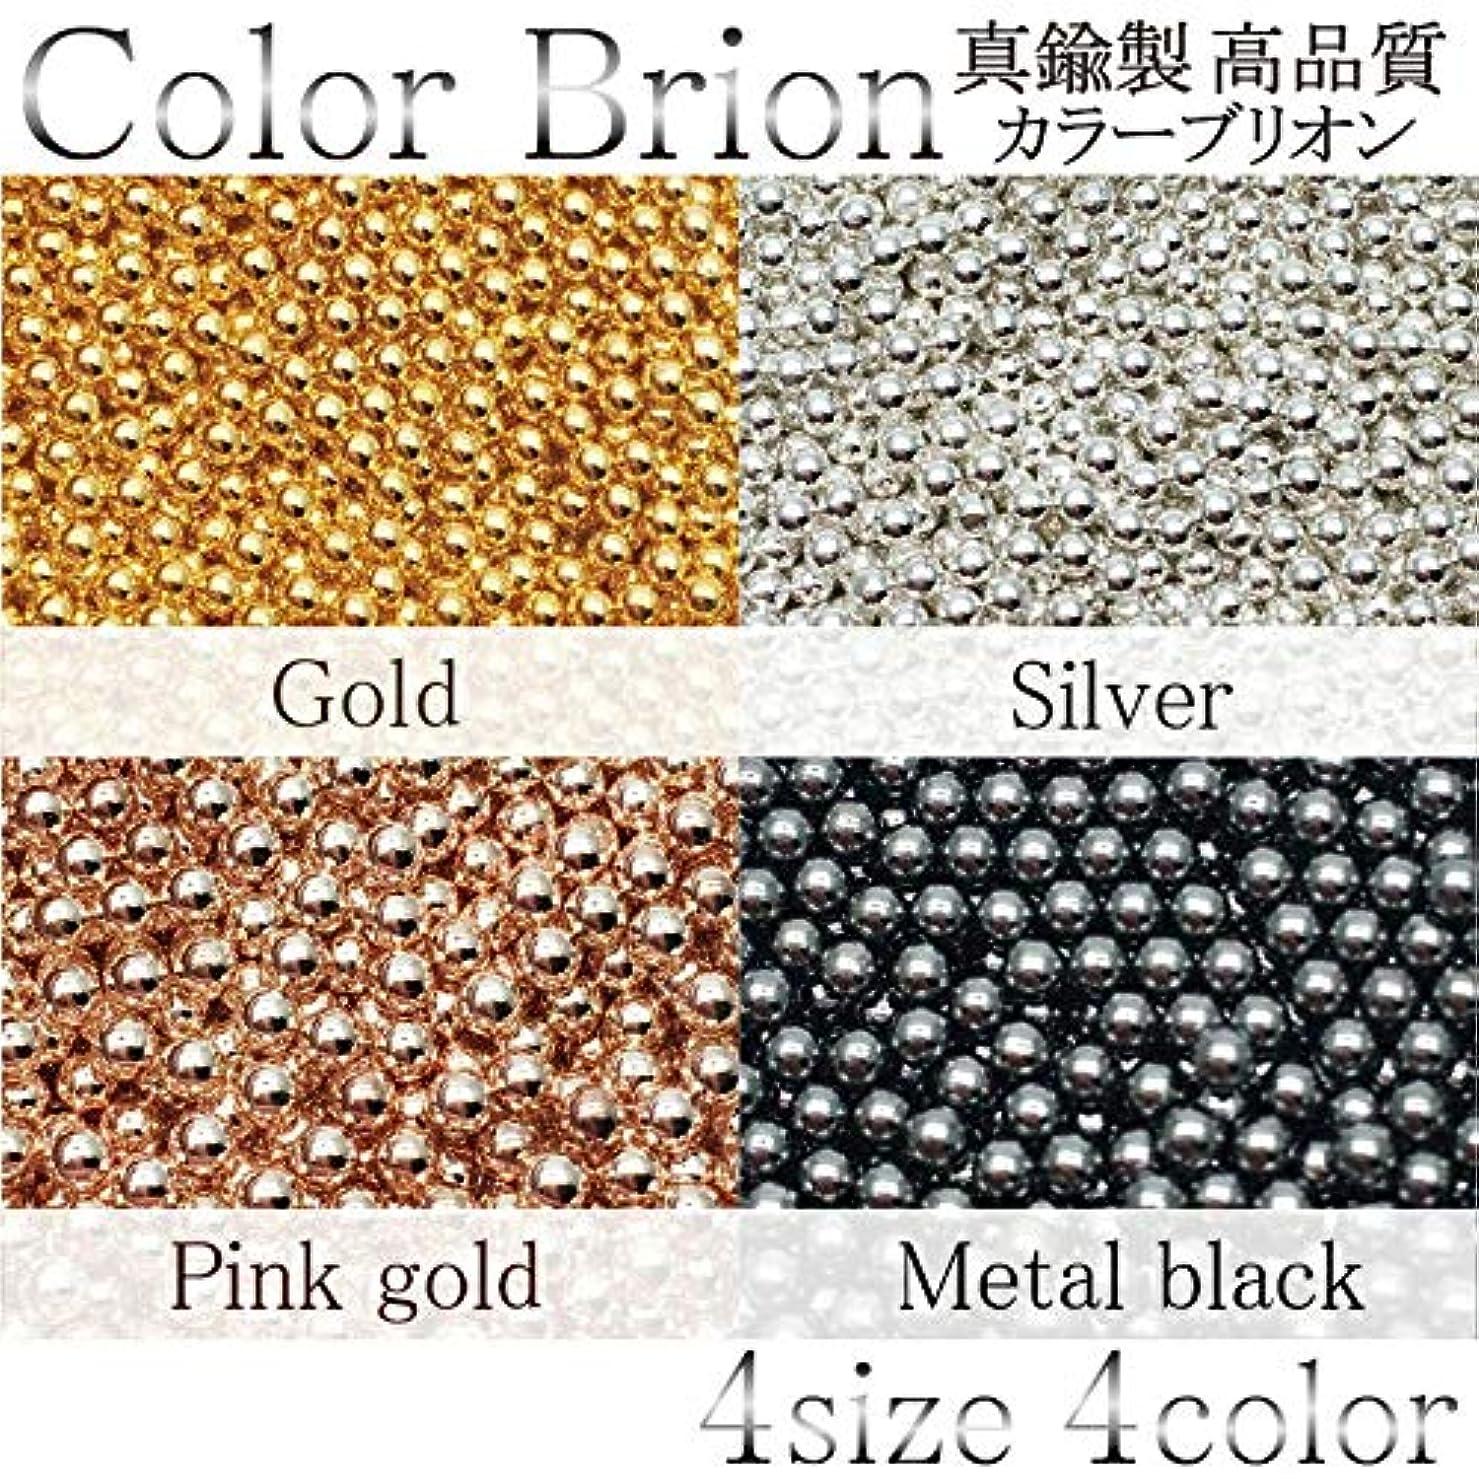 世界的に歩く故障真鍮製 高品質 カラーブリオン 各種 4色 (約1.5mm(約4g), 4.メタルブラック)